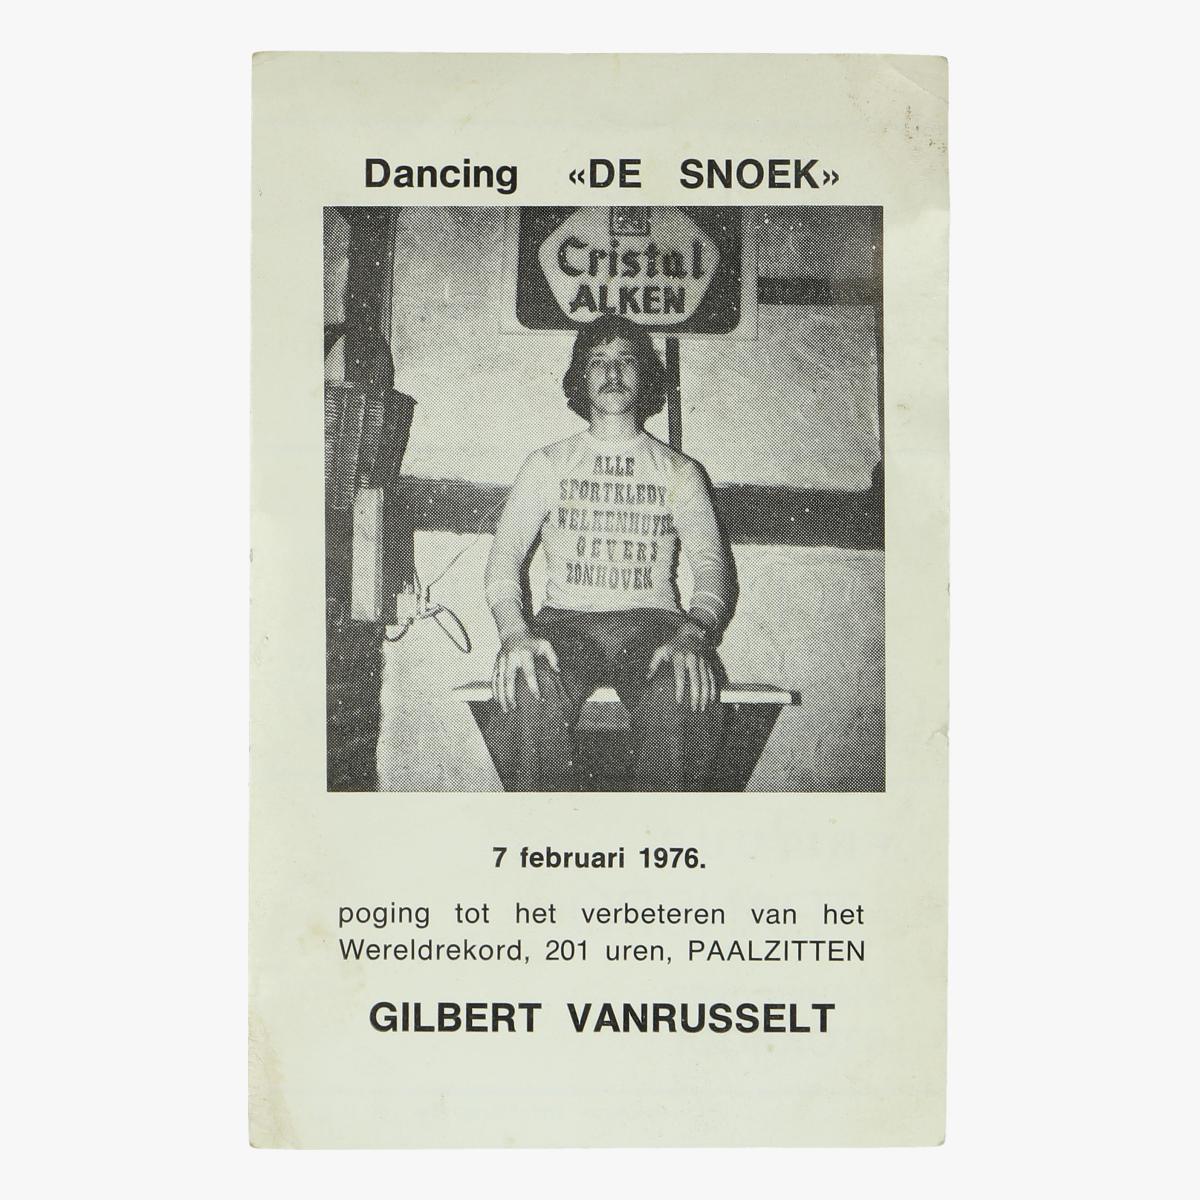 Afbeeldingen van prentje poging wereldrekord paalzitten 201 uren (1976)